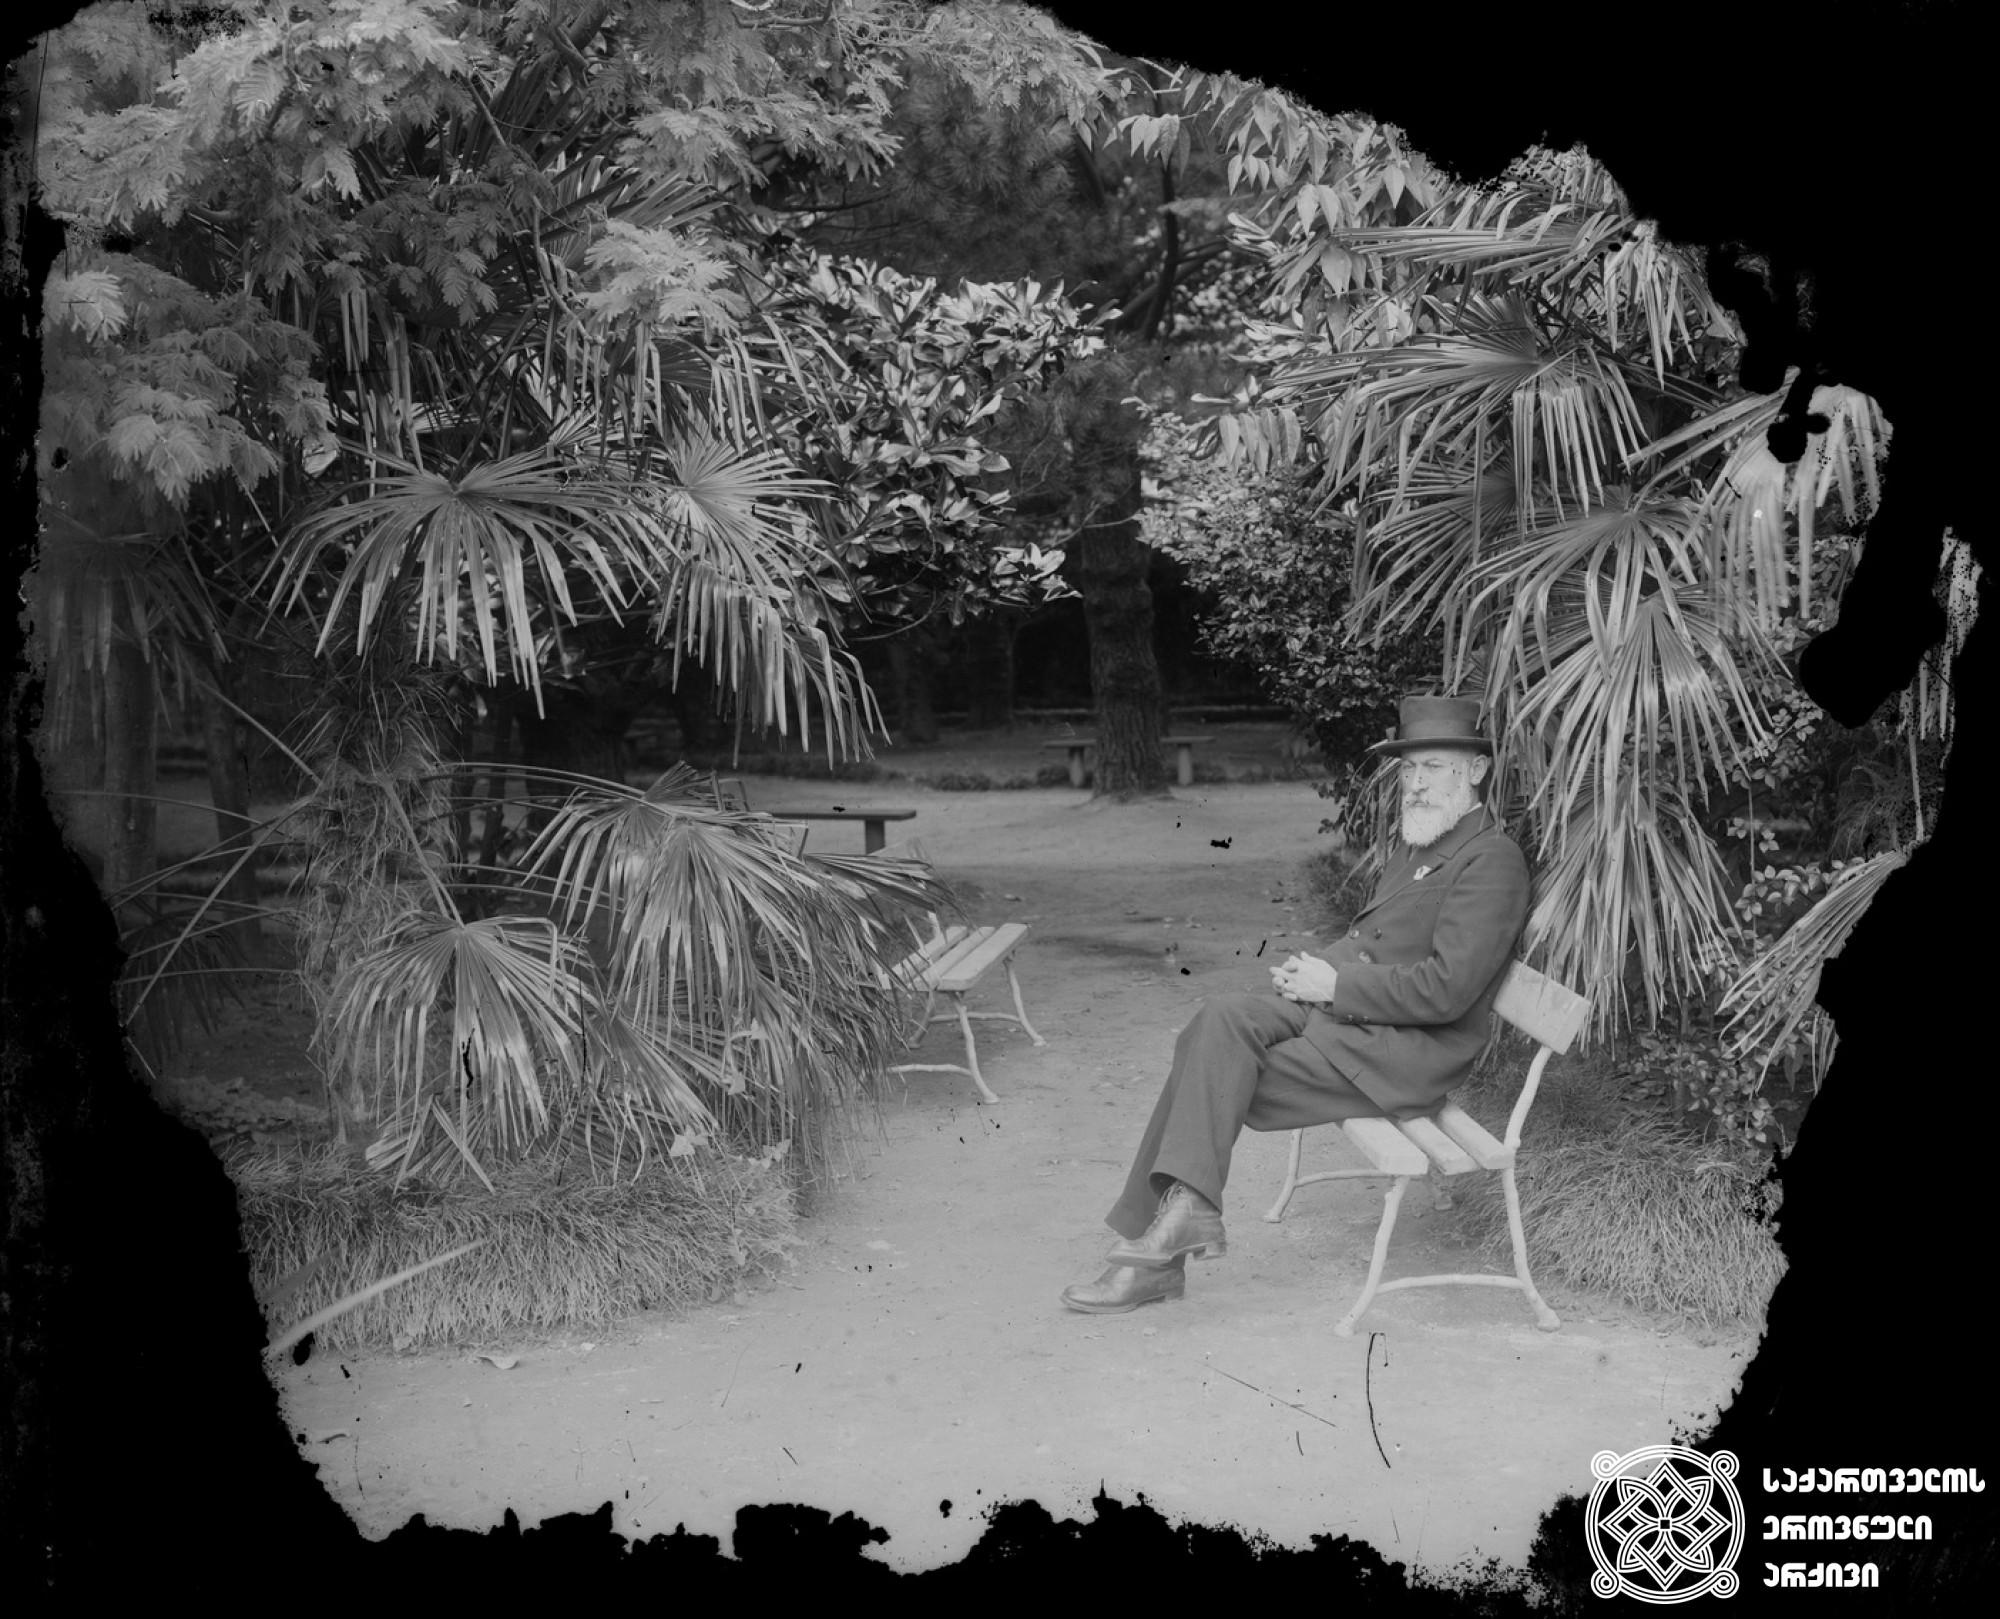 ნოე ჟორდანია (1868-1953), პუბლიცისტი და პოლიტიკური მოღვაწე. <br> მინის ნეგატივი 12X17.5. <br> Noe Jordania (1868-1953), Publicist and political figure. <br> Glass negative 12X17.5.